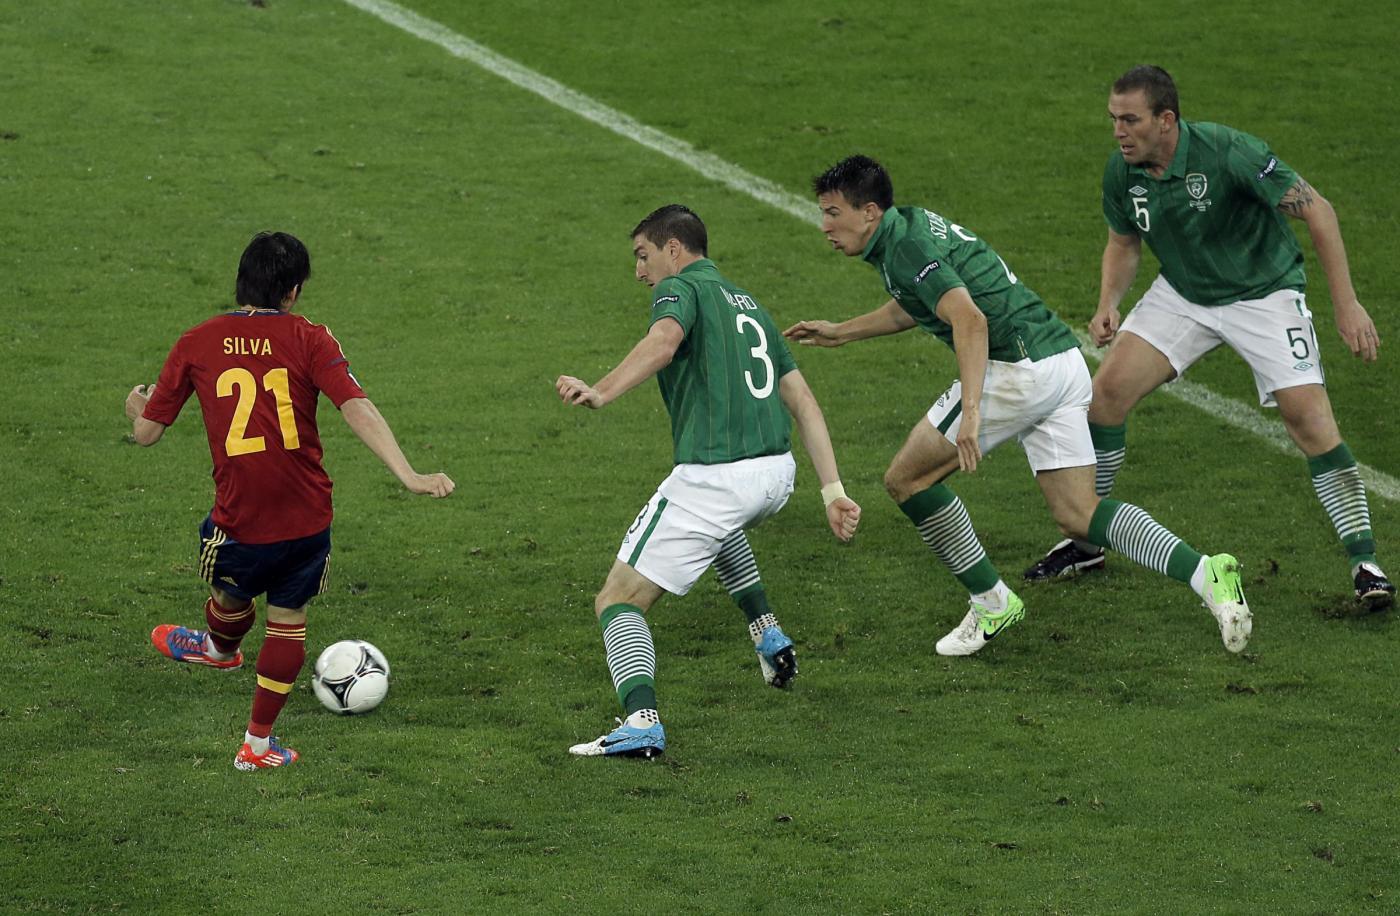 Ascolti tv giovedì 14 giugno 2012: la goleada della Spagna contro l'Irlanda sopra i 6 mln